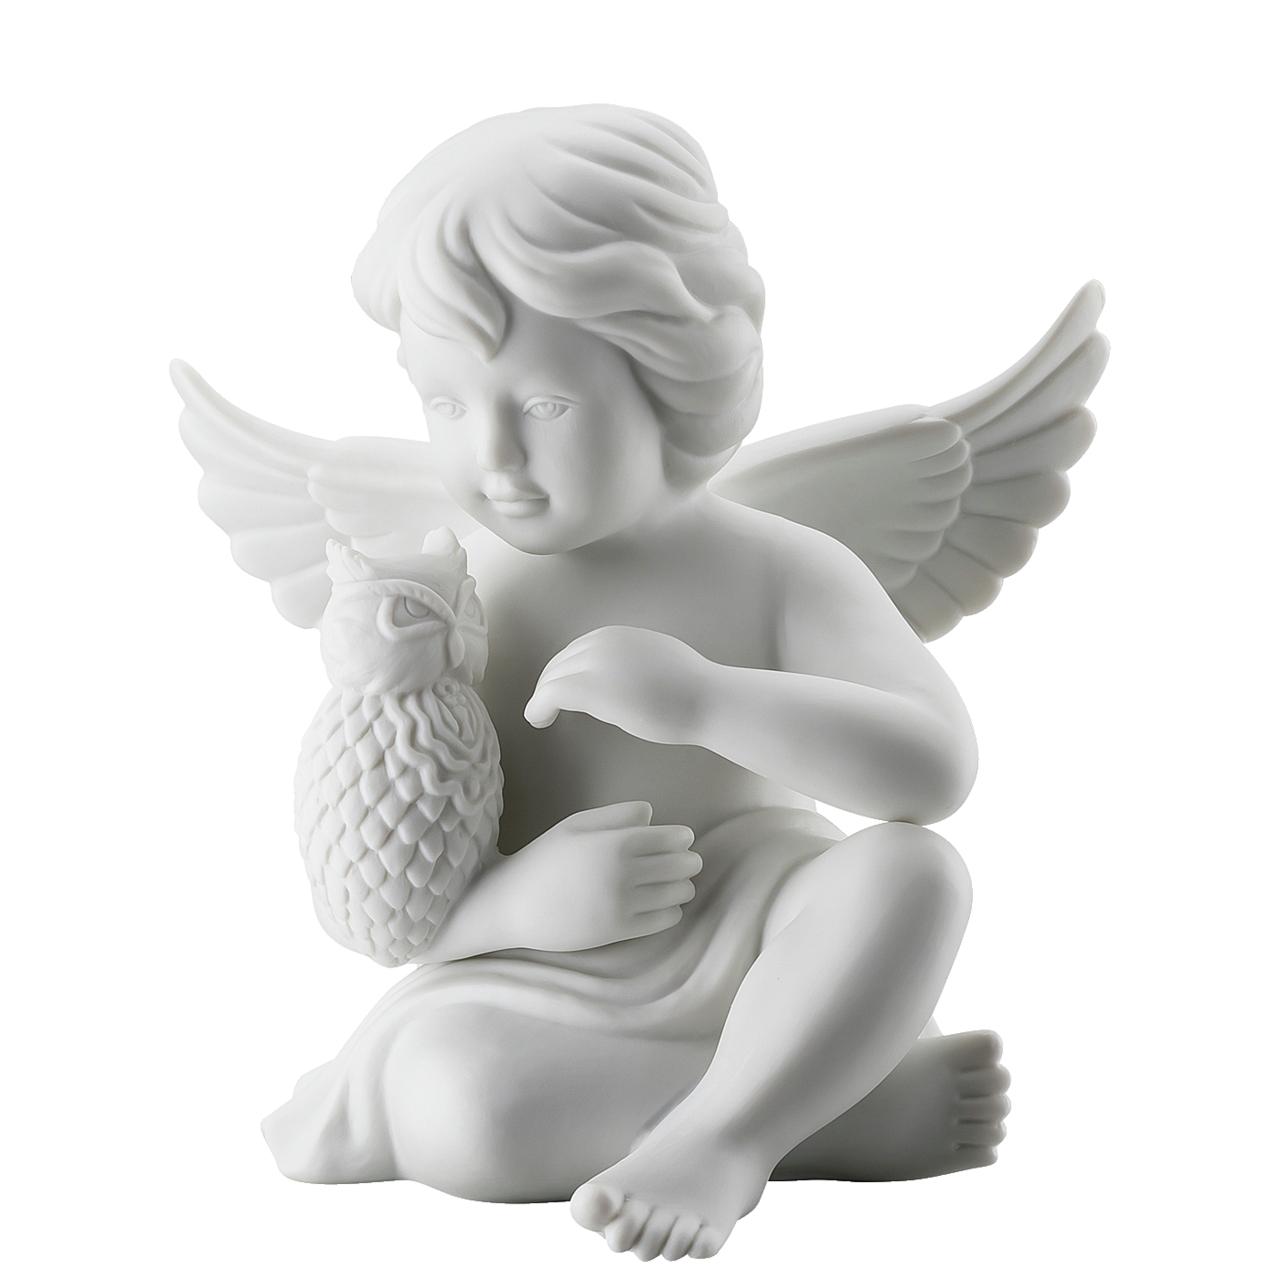 Engel mit Eule Engel groß Weiss matt Rosenthal